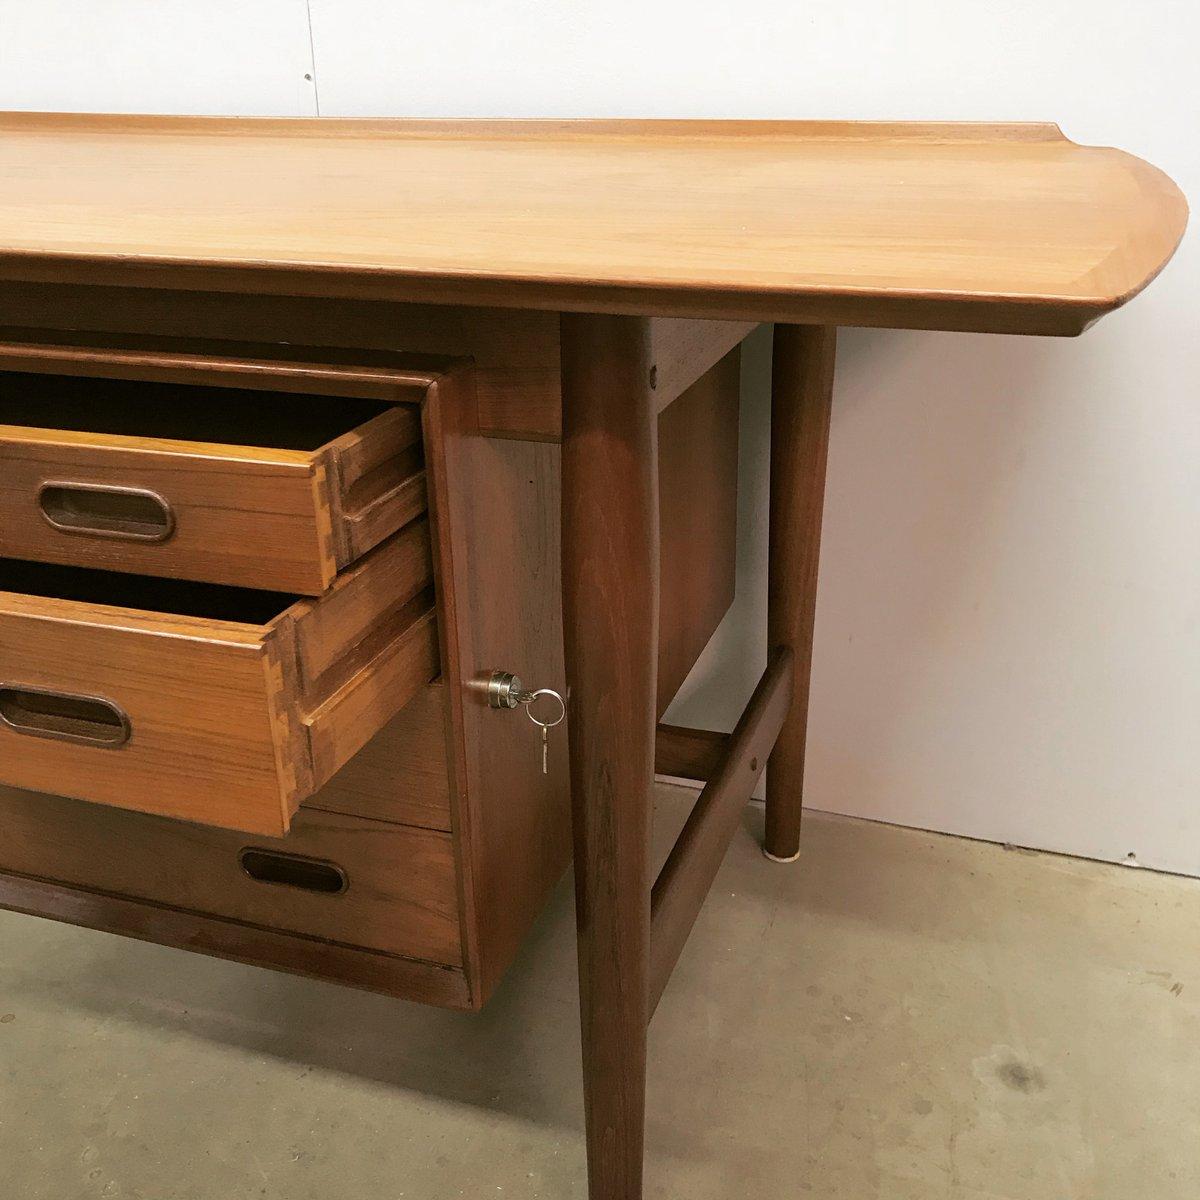 D nischer schreibtisch von finn juhl 1950er bei pamono kaufen for Schreibtisch 2 50 meter